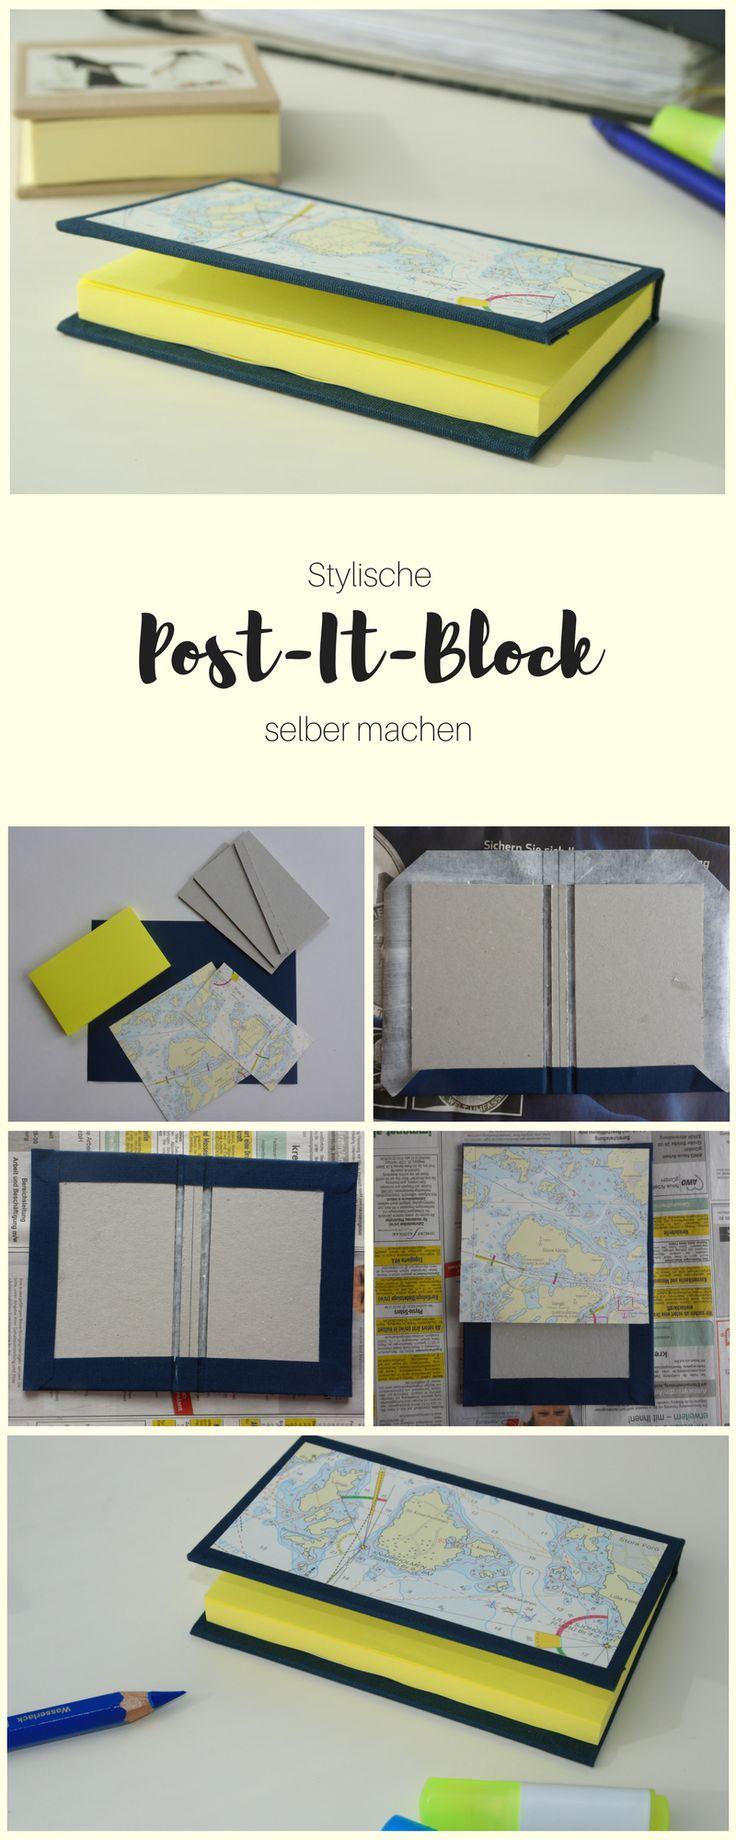 Unordnung, Chaos und keinen Überblick über wichtige Termine? Probiert es doch mal mit diesem coolen, praktischen Post-It-Block!  DIY Blog Lunaria   DIY Post-It-Block